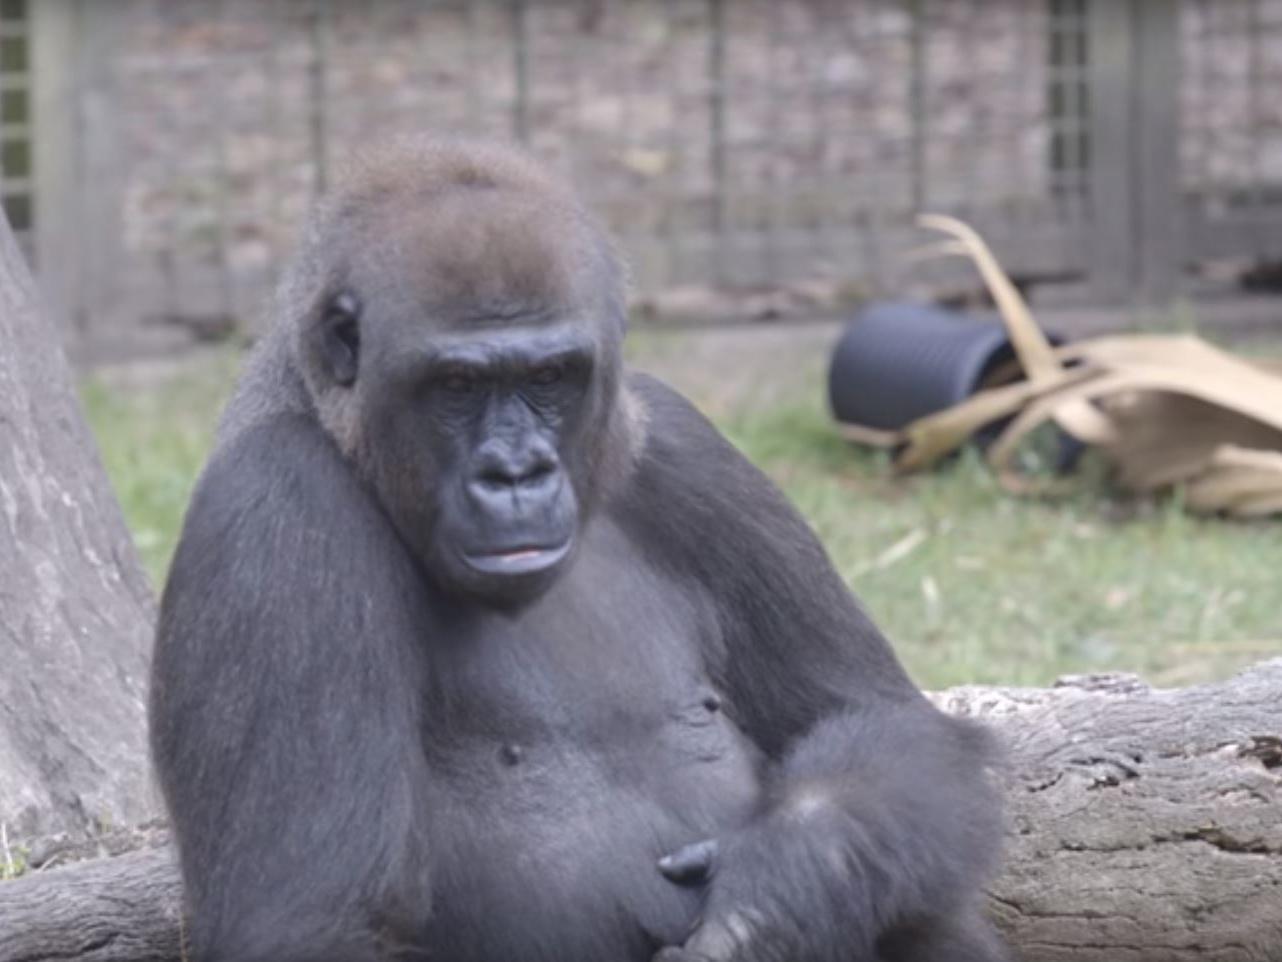 Gorilla sex with woman softcore scenes